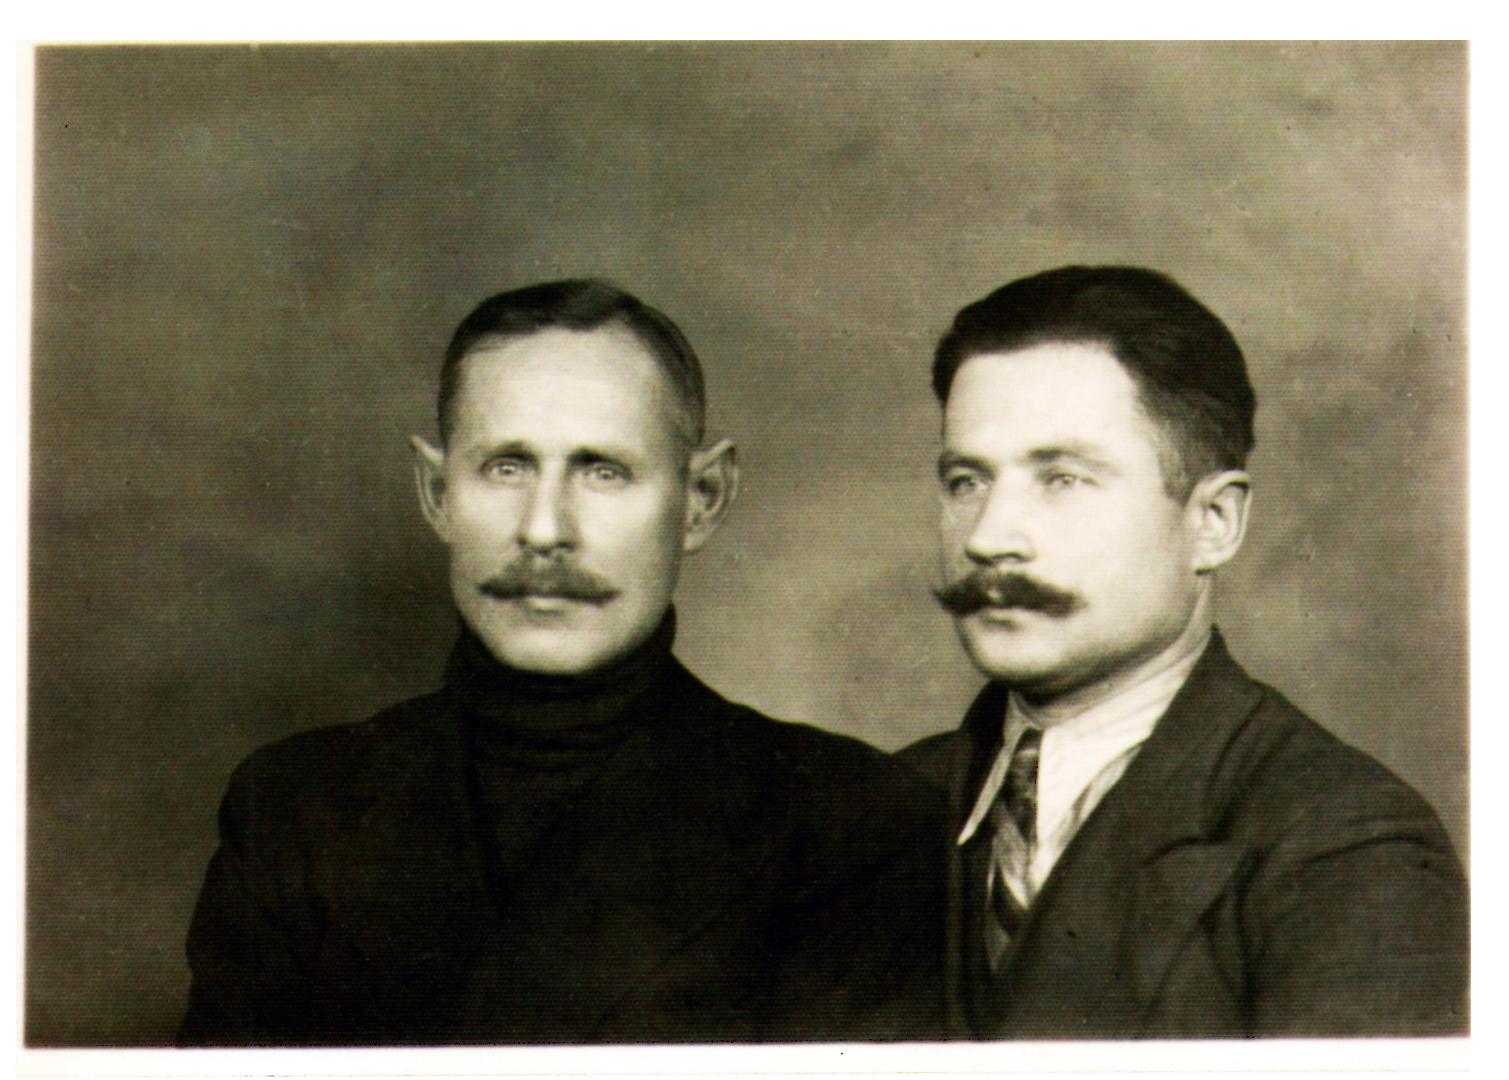 11 pav. Katedros lobyno slėpėjai: Kajetanas Gratulevičius (kairėje) ir Janas Malyško, 1939 m. rudenį Vokietijai užpuolus Lenkiją, kaip gedulo ženklą užsiaugino ūsus. Nuotr. iš A. Malyško asmeninio archyvo